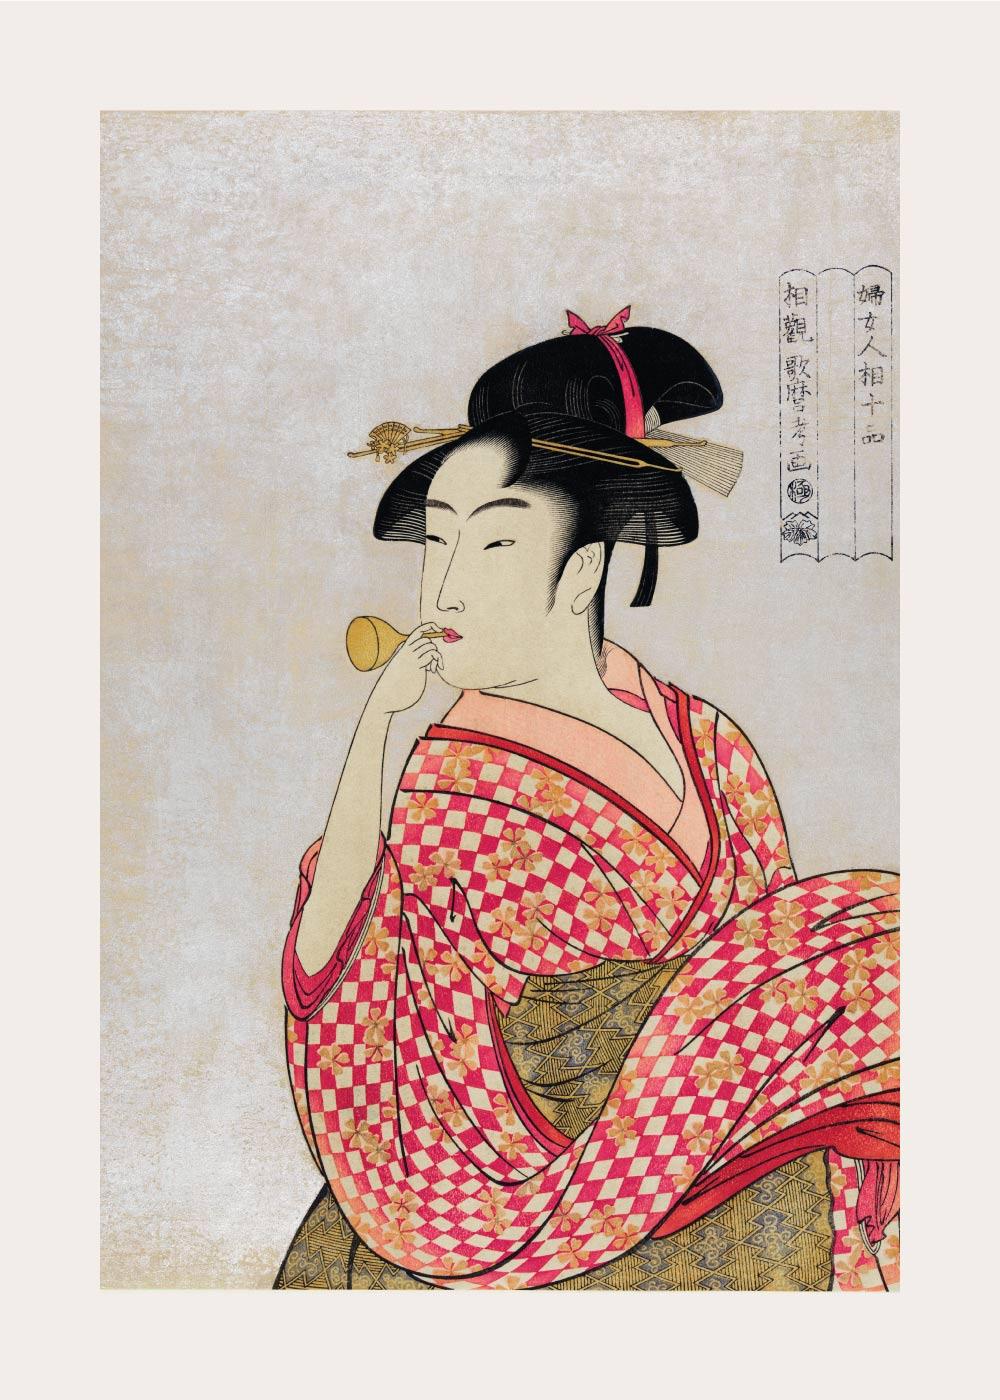 Billede af Japanese woman blowing a glass pibe - Japansk kunstplakat